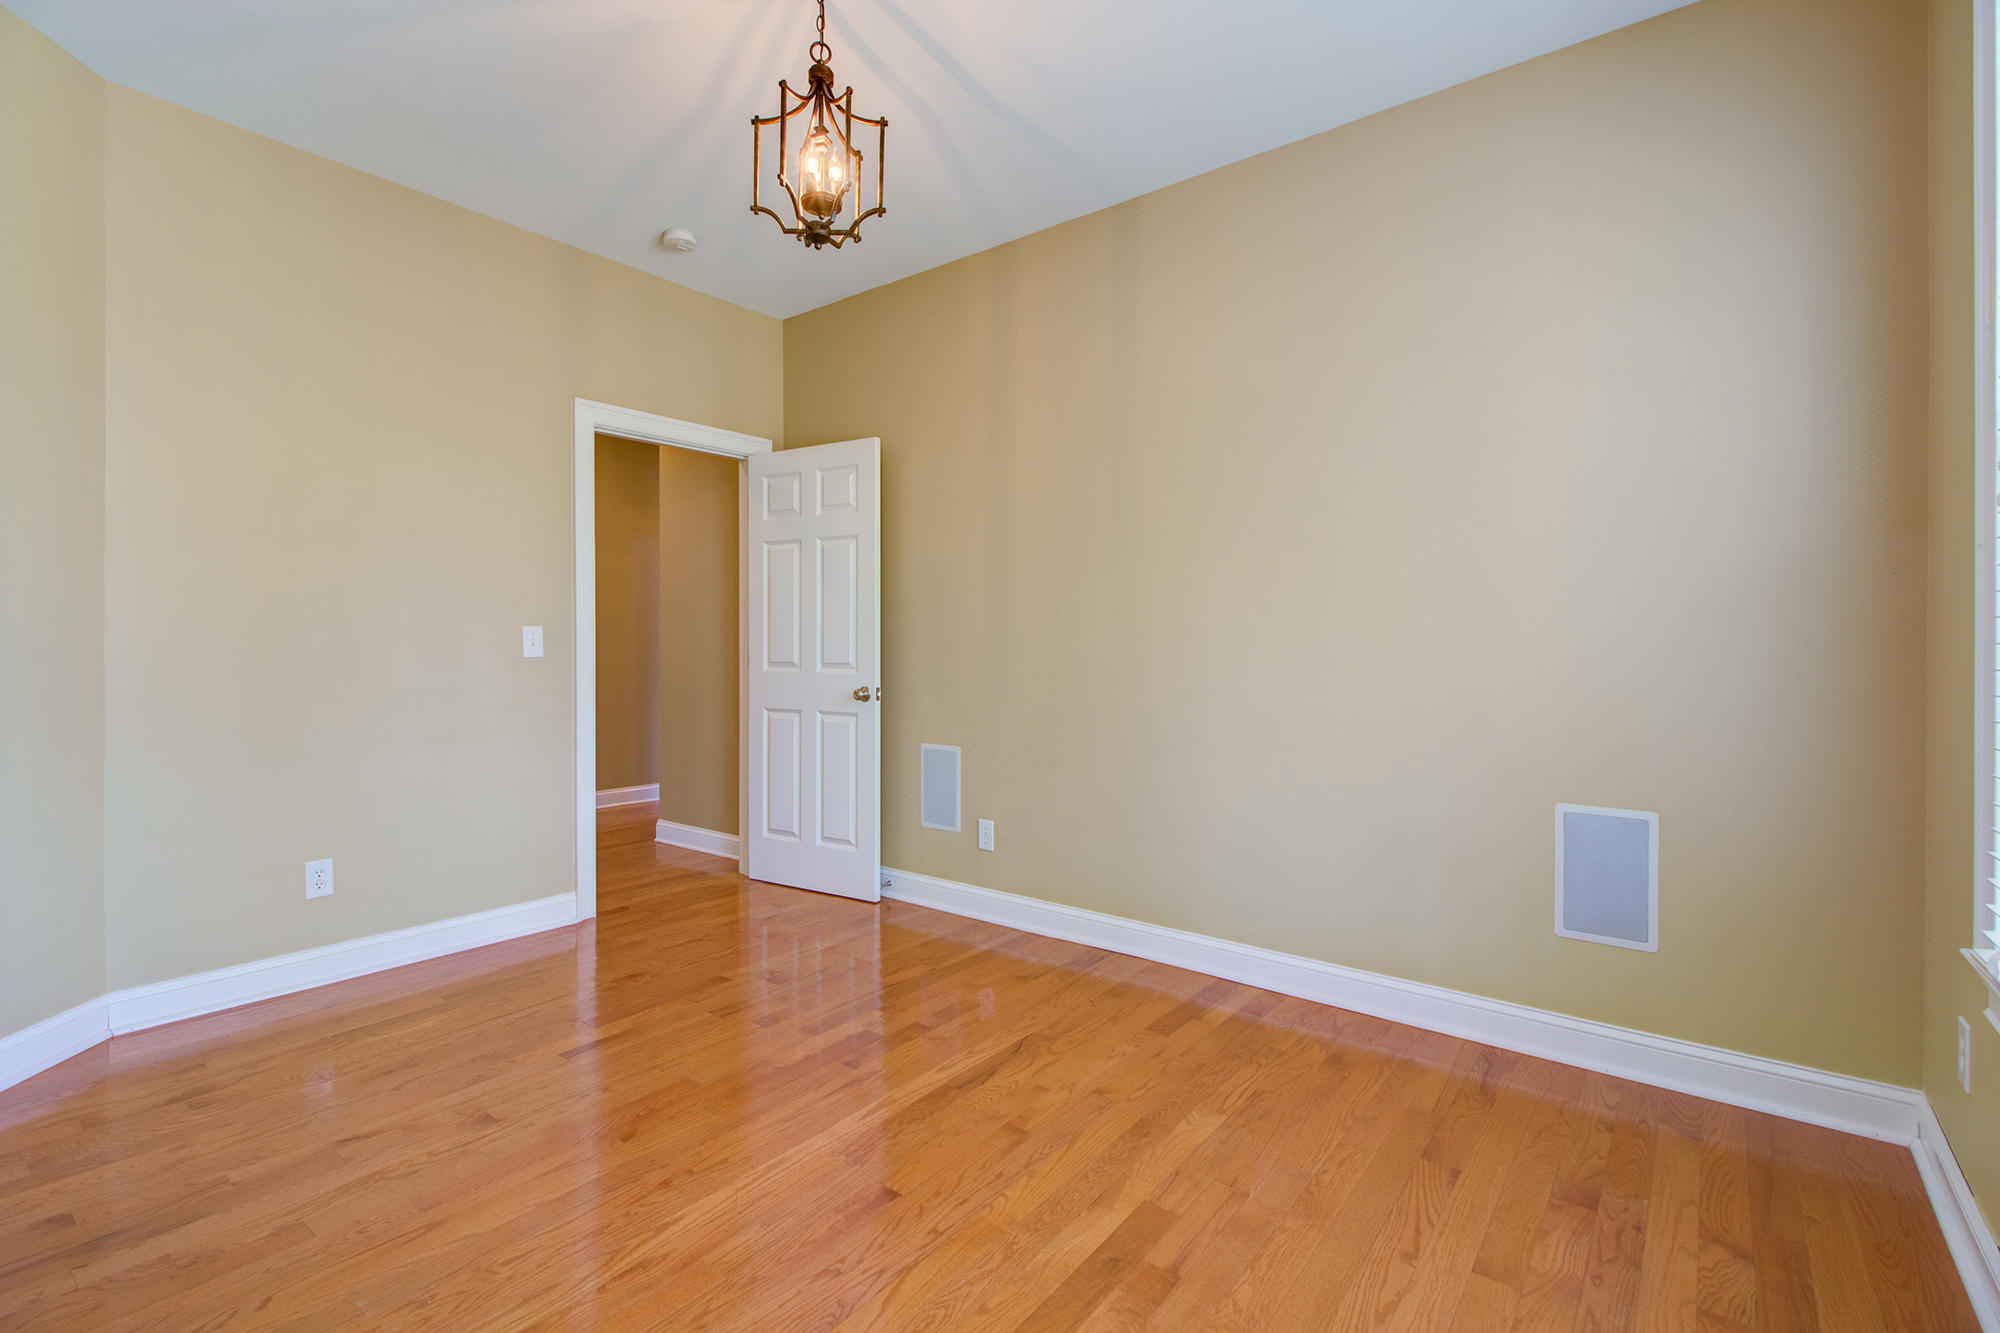 Dunes West Homes For Sale - 2817 Oak Manor, Mount Pleasant, SC - 29